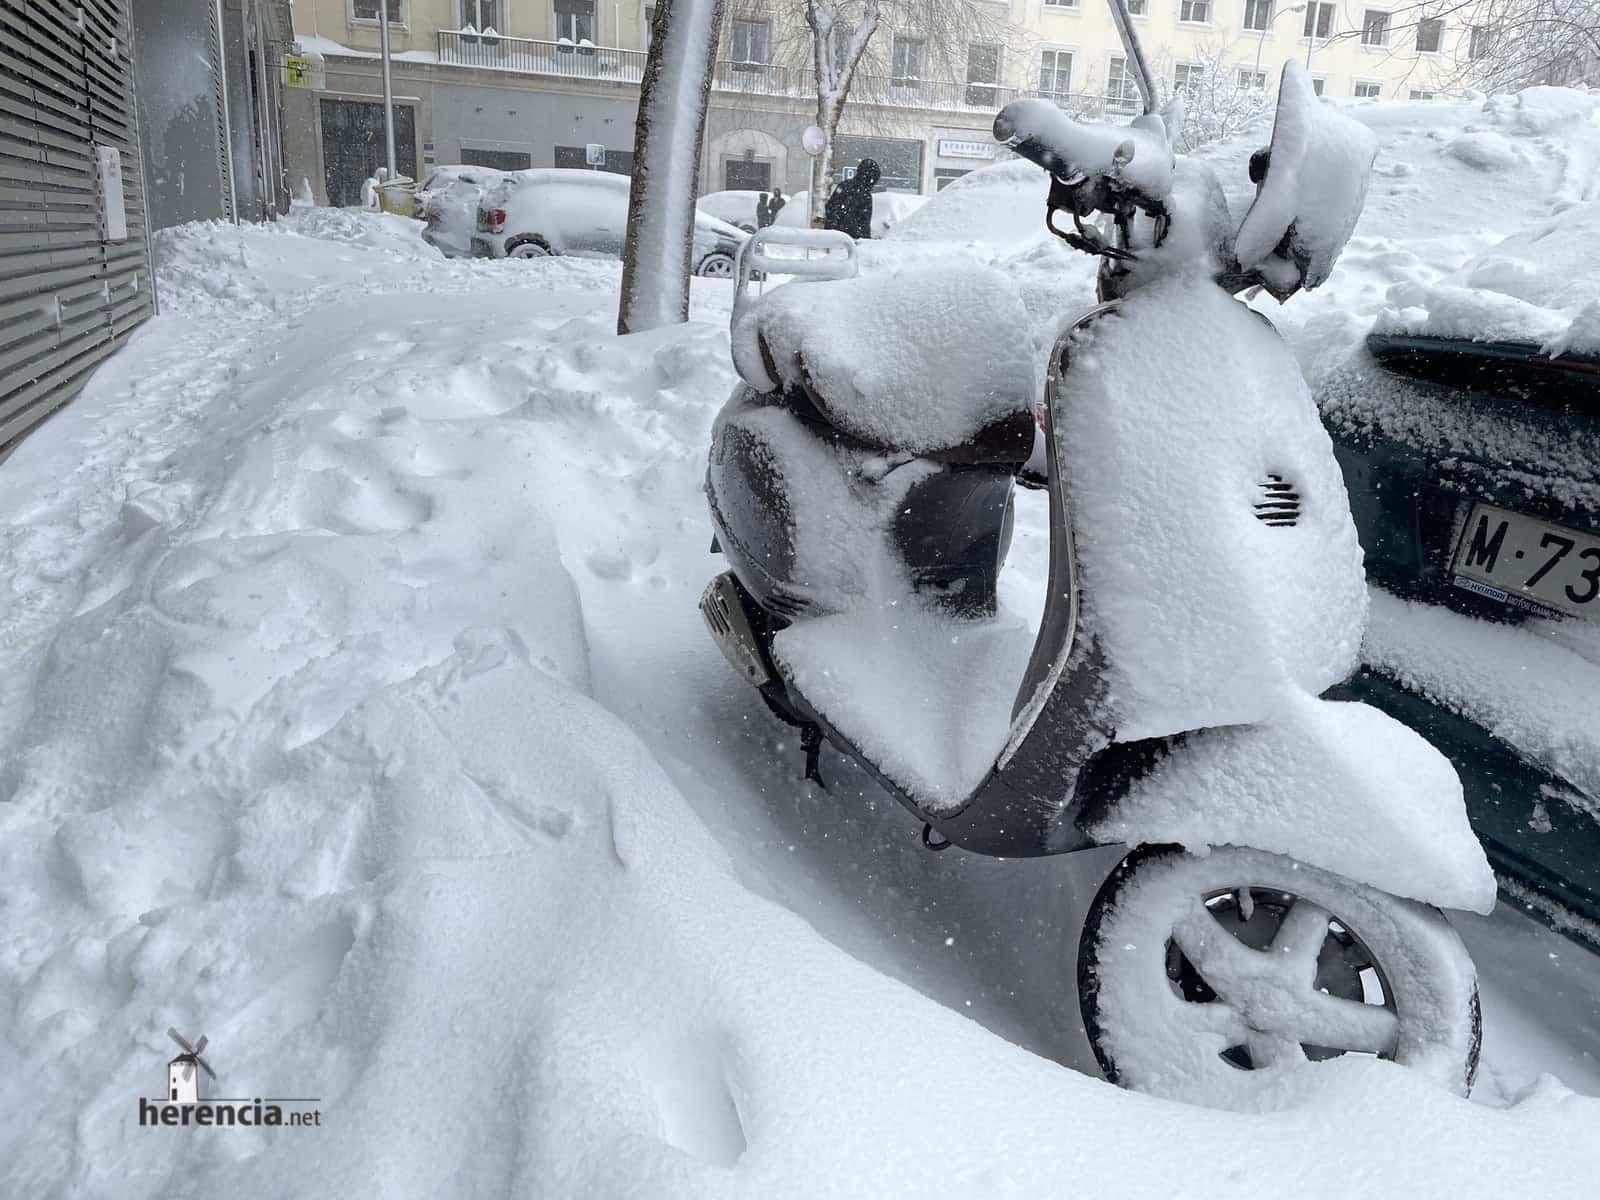 Más fotografías de las nieves de 2021 en Herencia 151